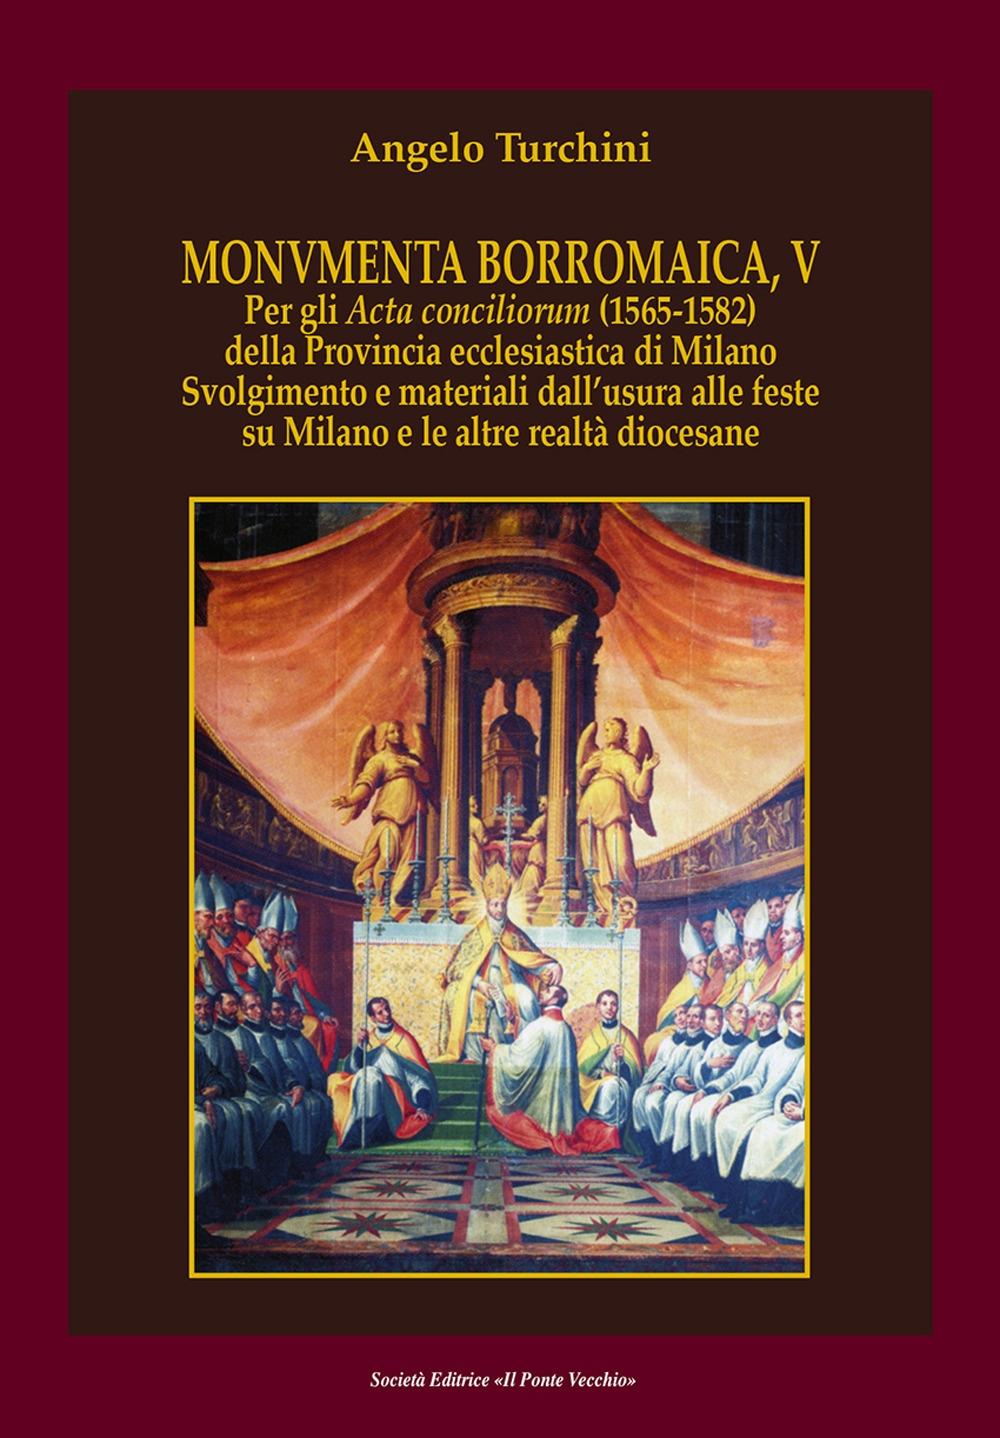 Monvmenta Borromaica, V. Per gli Acta conciliorum (1565-1582) della provincia ecclesiastica di Milano. Svolgimento e materiali dall'usura alle feste su Milano e le altre realtà diocesane